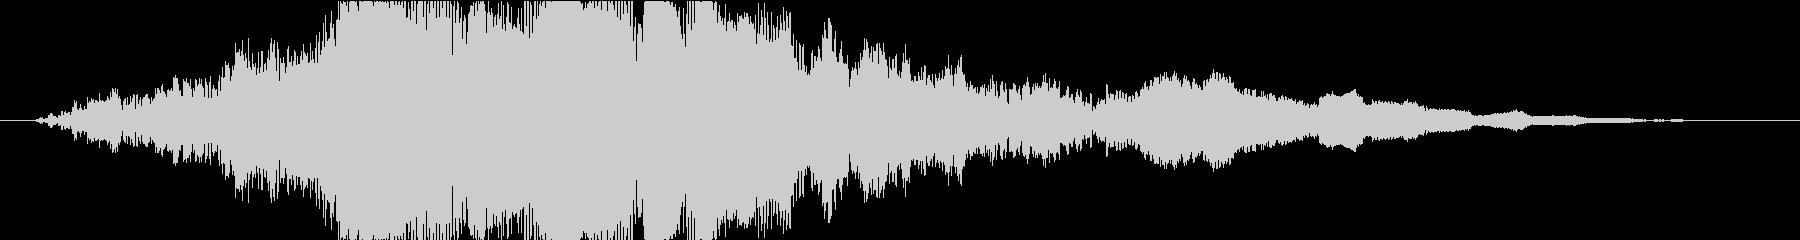 斬撃 メタリックランブル03の未再生の波形